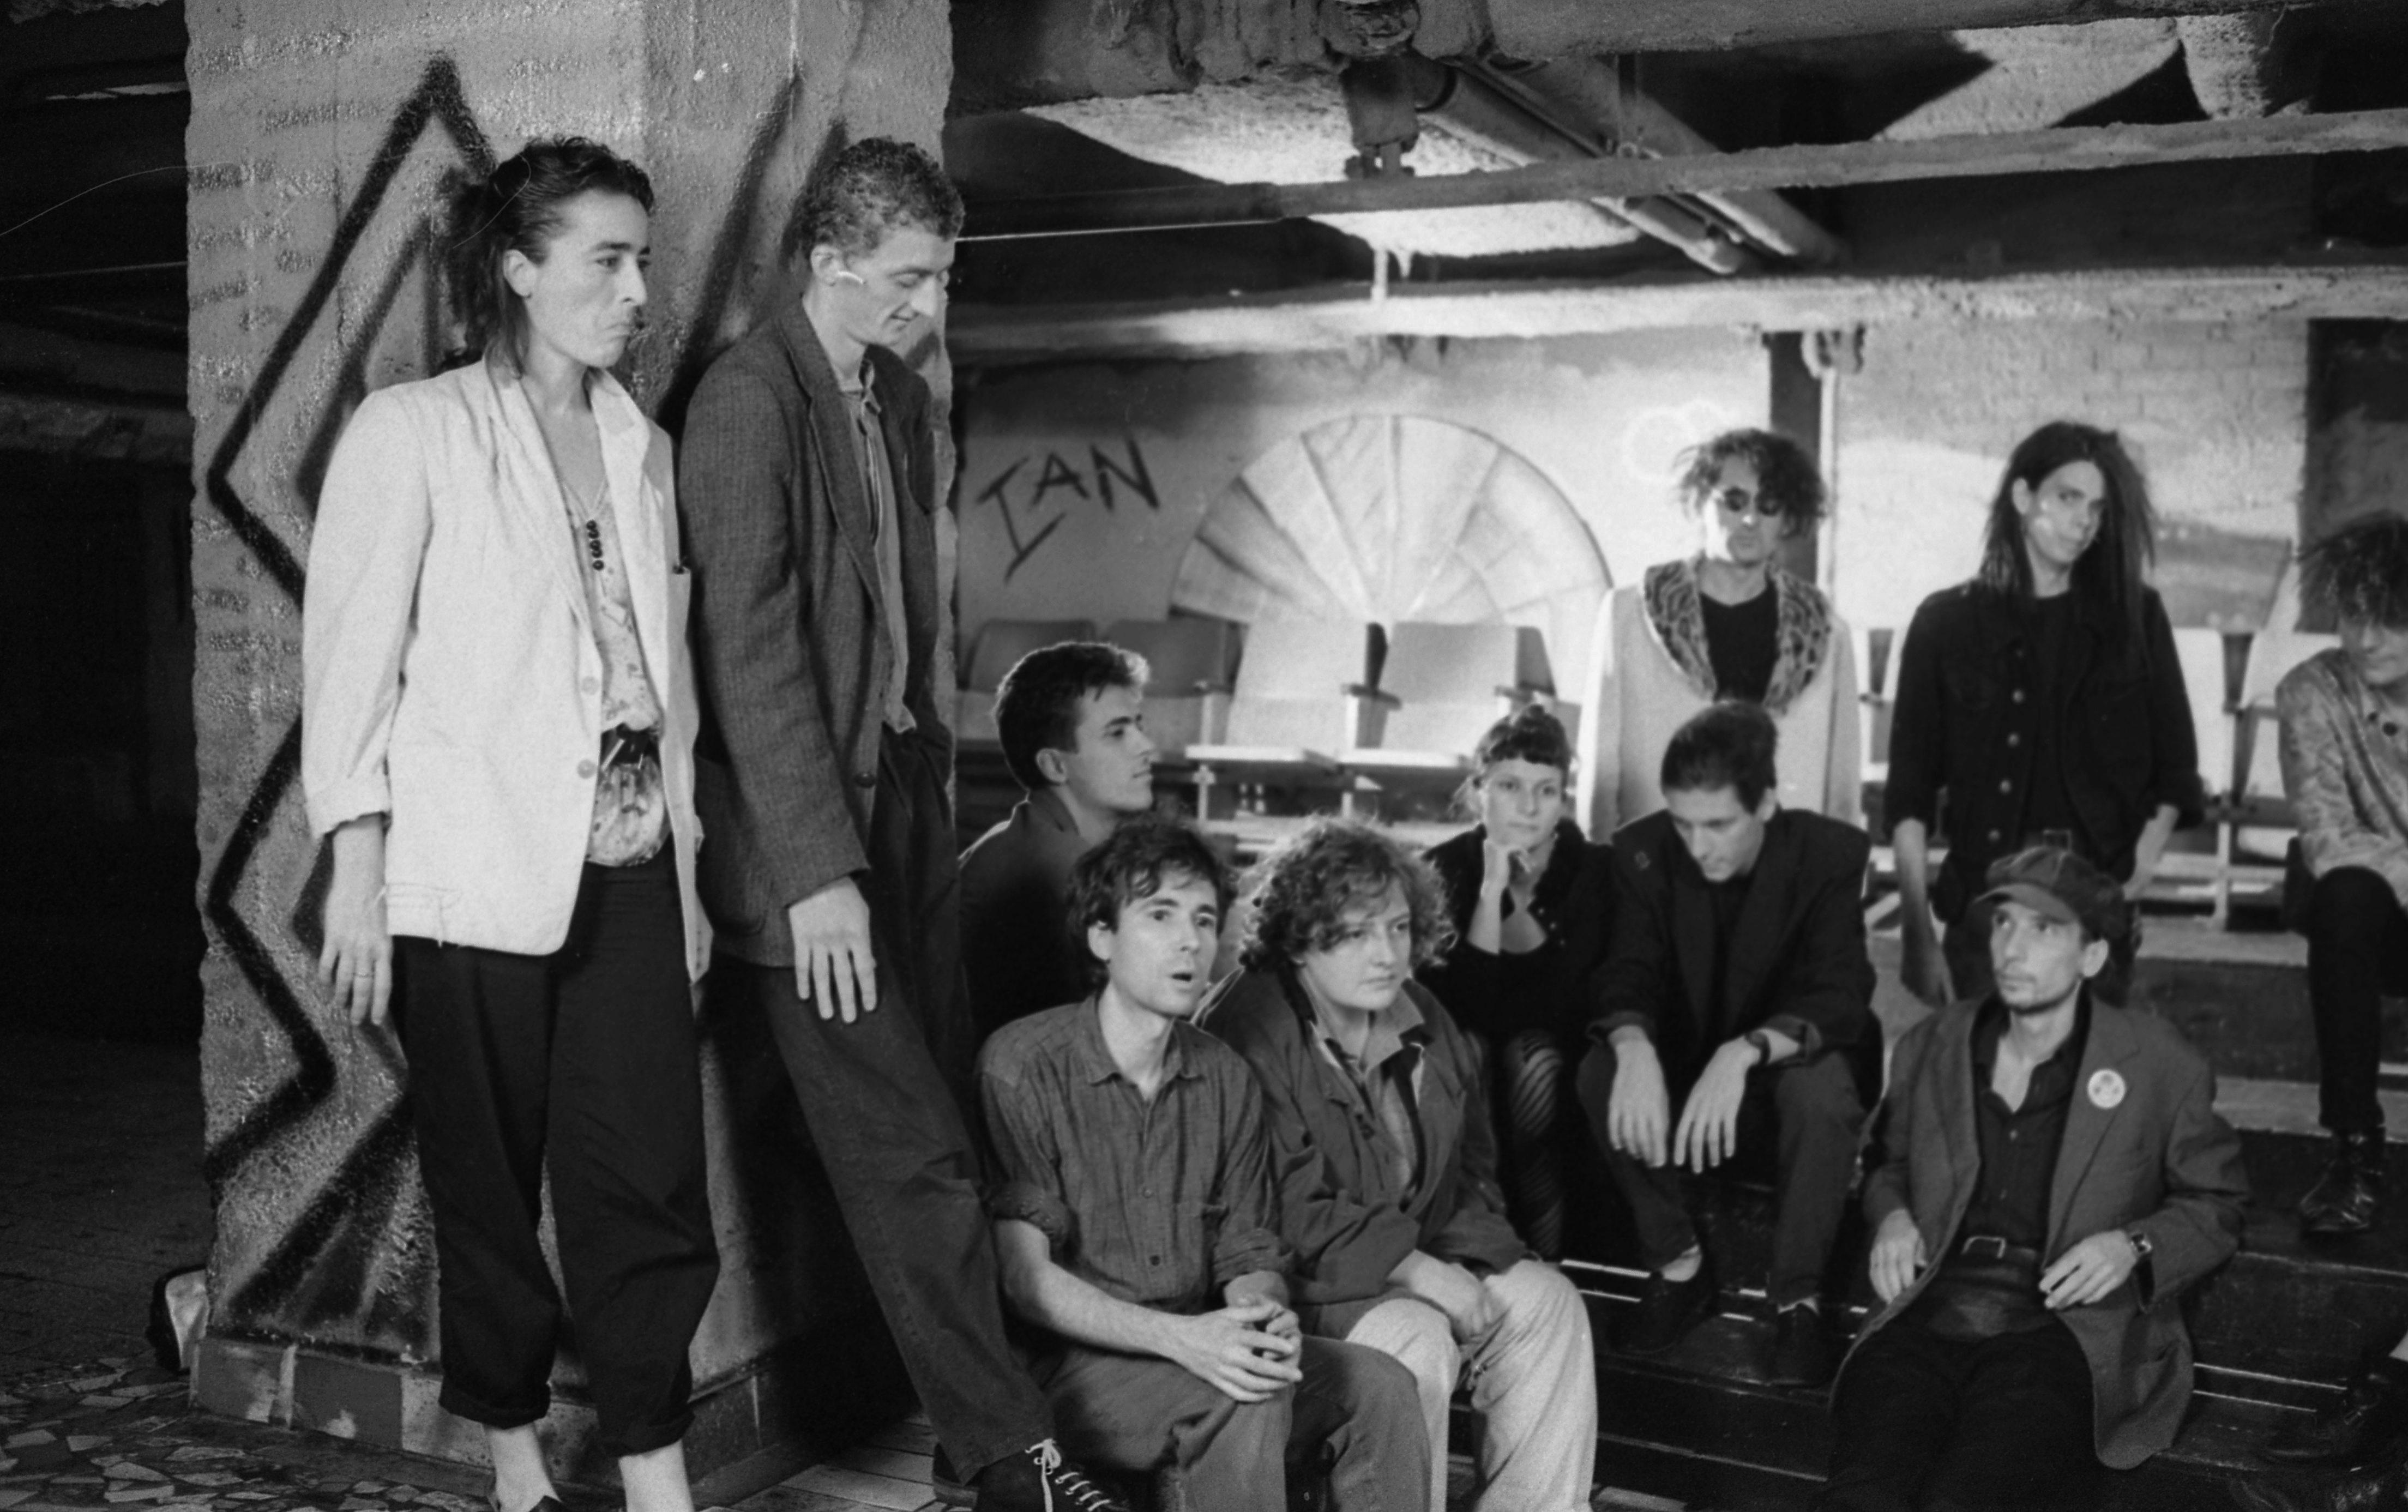 1982. Magyarország, a balatonfüredi gyár. Új hullámos együttesek fesztiválja /Fotó: Urbán Tamás/Fortepan.hu